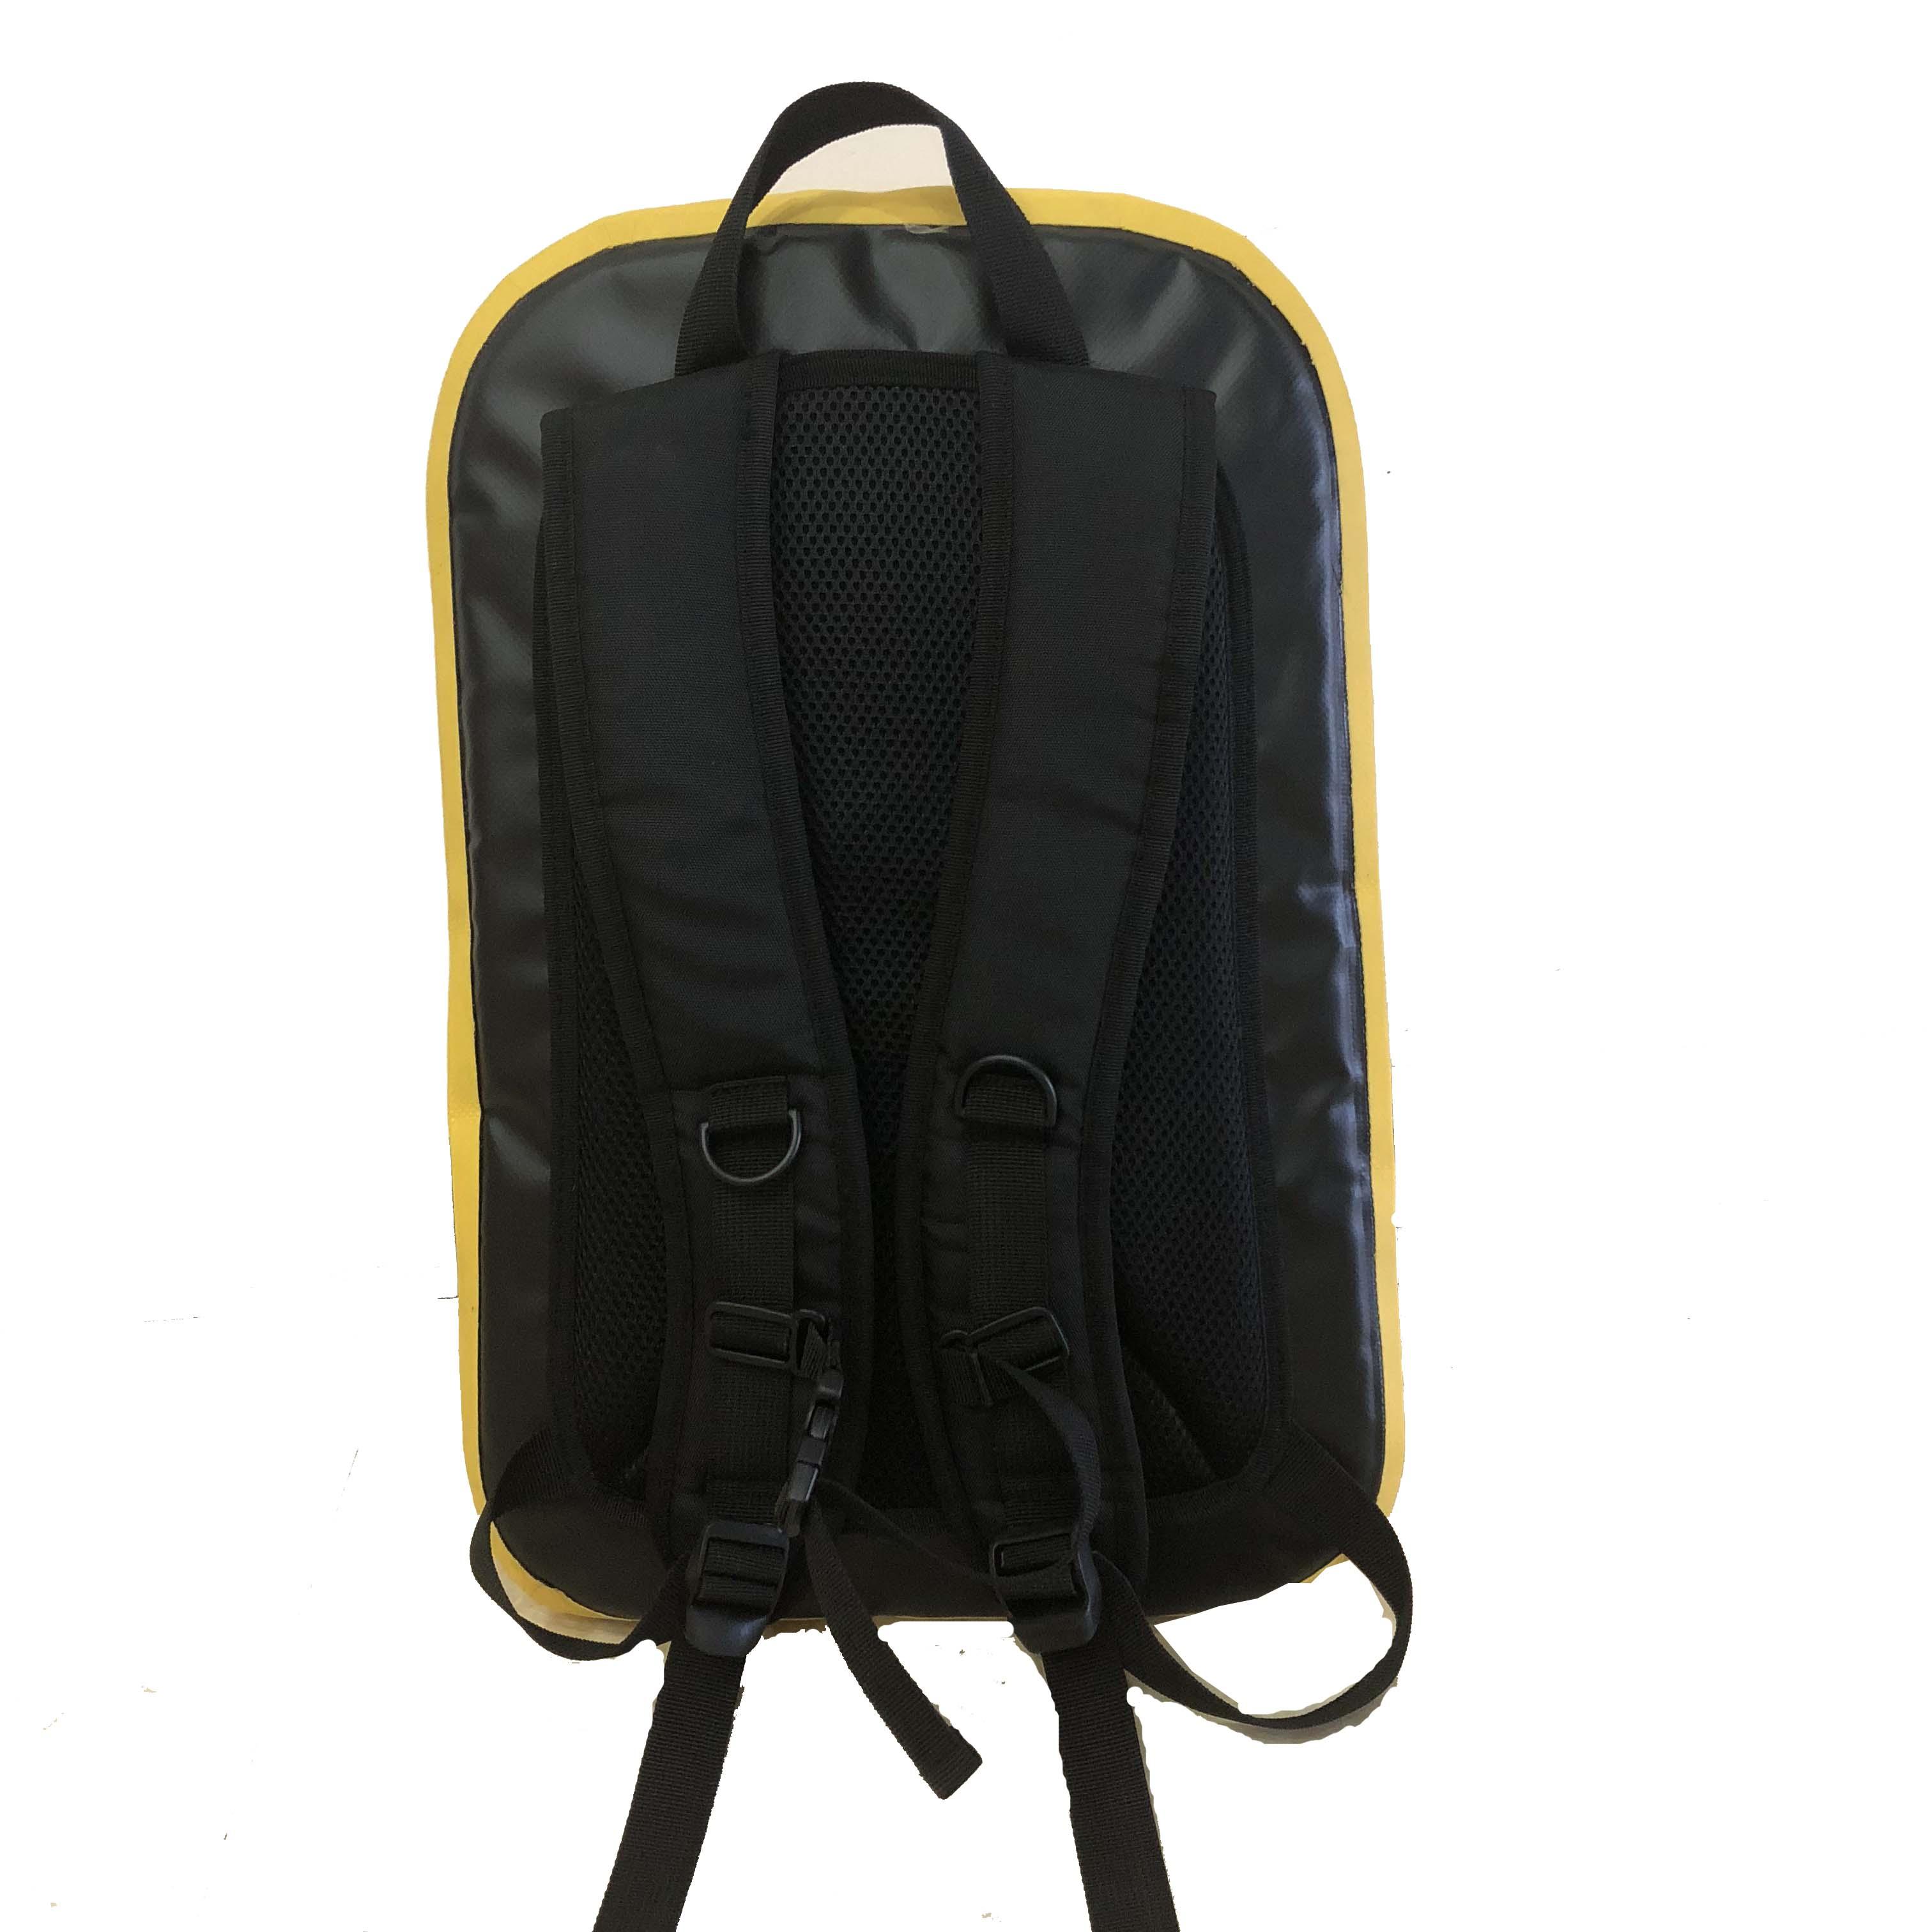 Waterproof Travel Daypack